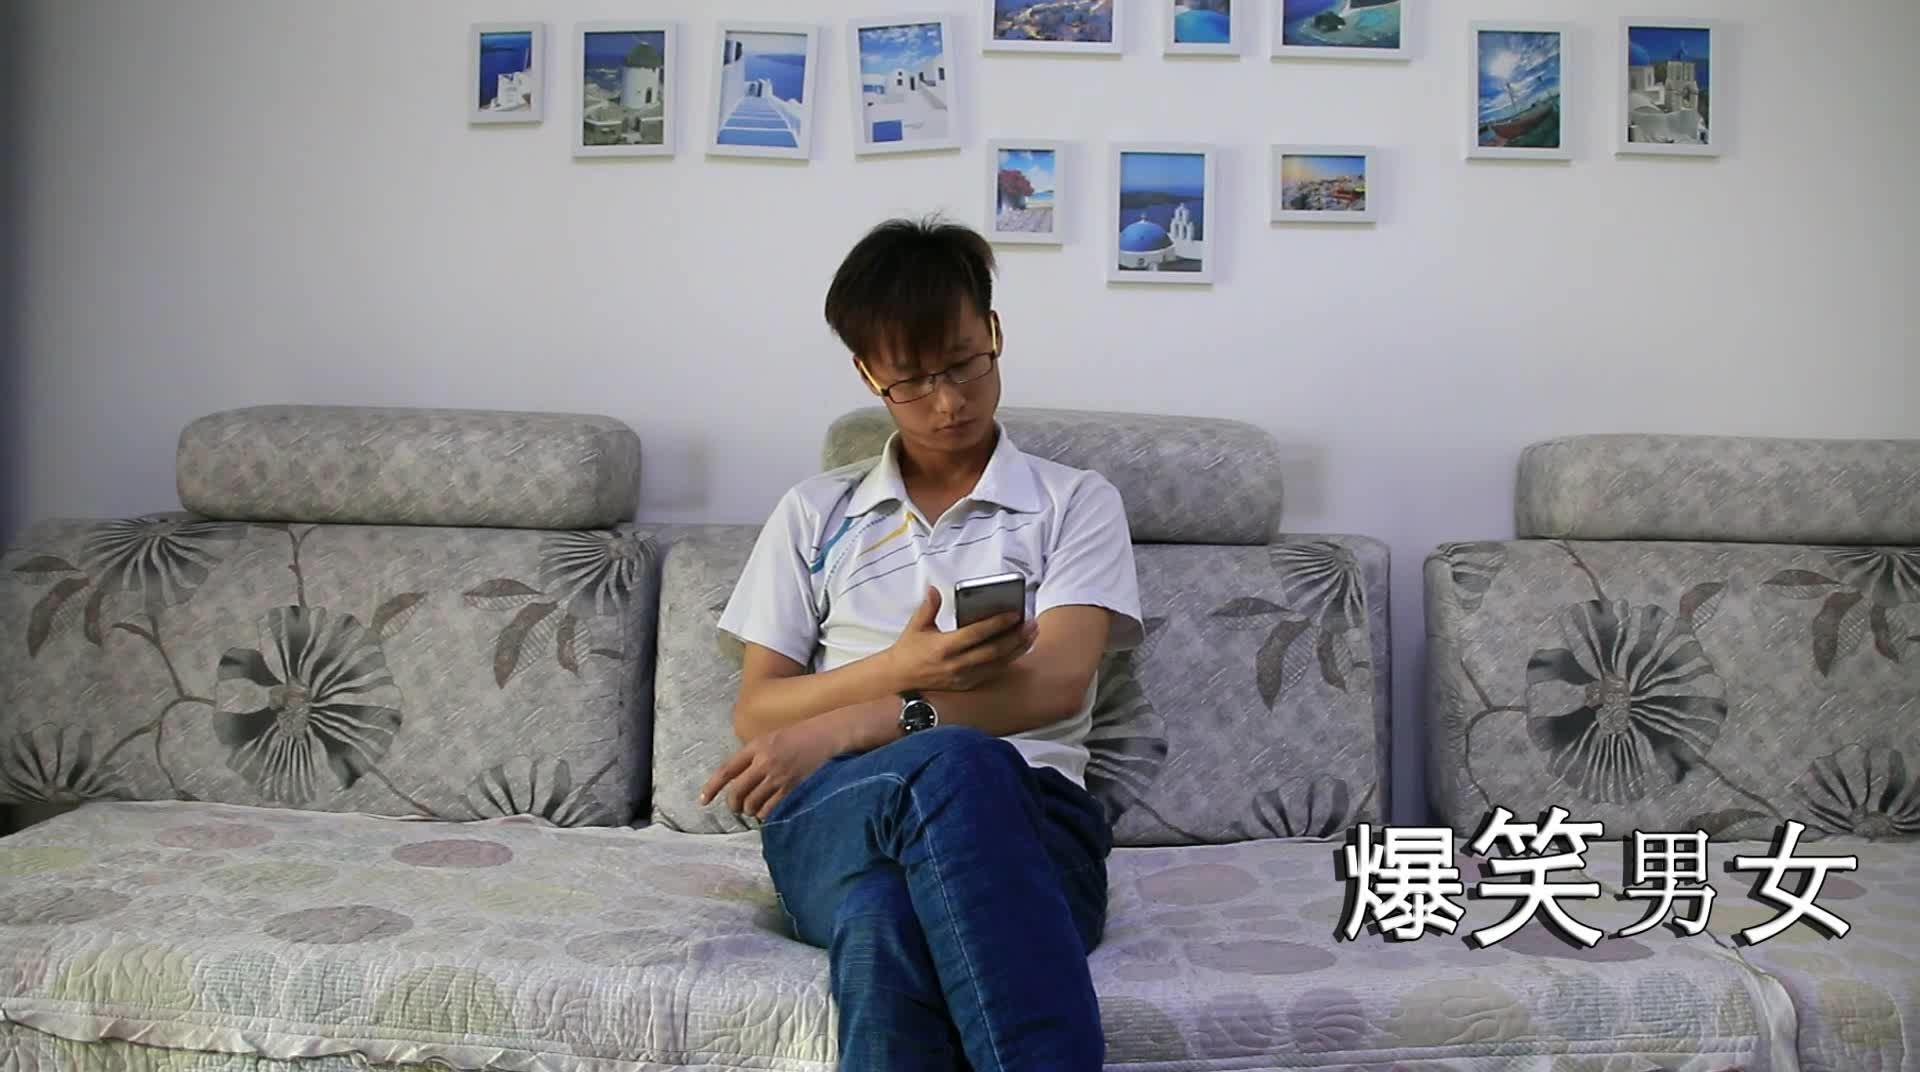 #搞笑趣事#老公天天在家玩手机,老婆怎么劝说都没用